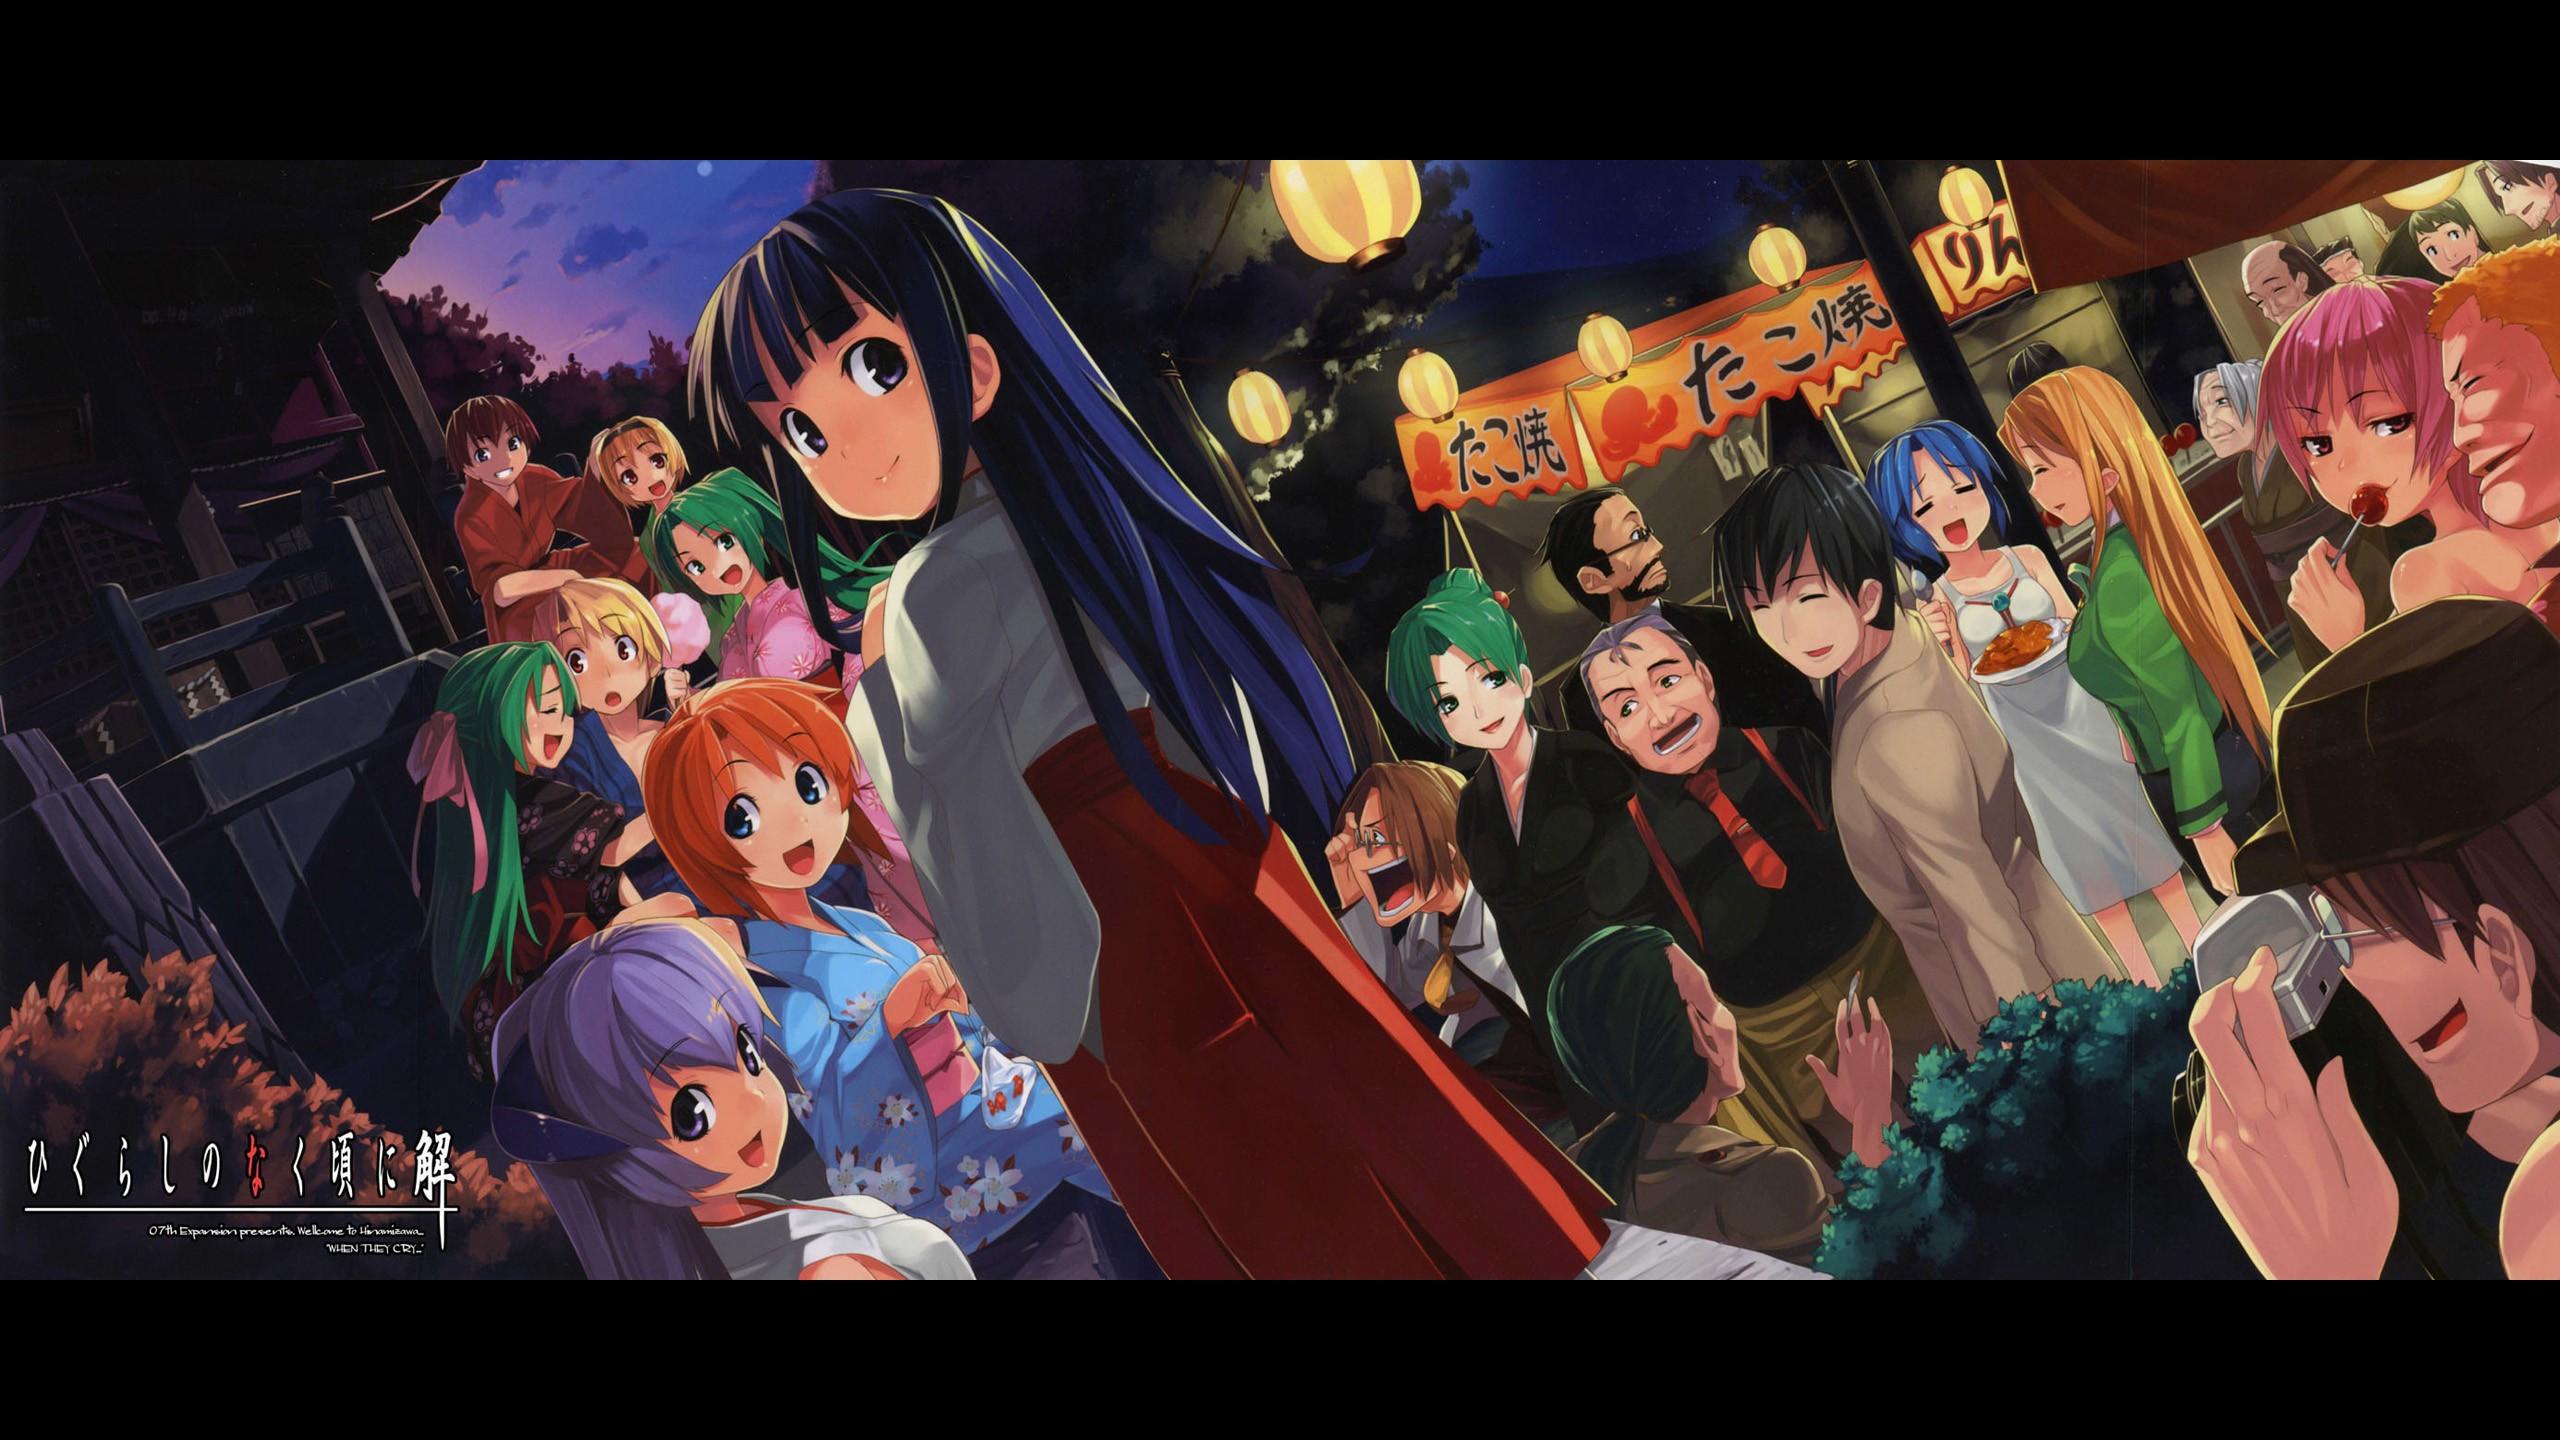 Wallpaper Anime Higurashi No Naku Koro Ni Ryuuguu Reina Furude Rika Sonozaki Shion Sonozaki Mion Maebara Keiichi Screenshot Musical Theatre 2560x1440 Thorragnarok 25184 Hd Wallpapers Wallhere